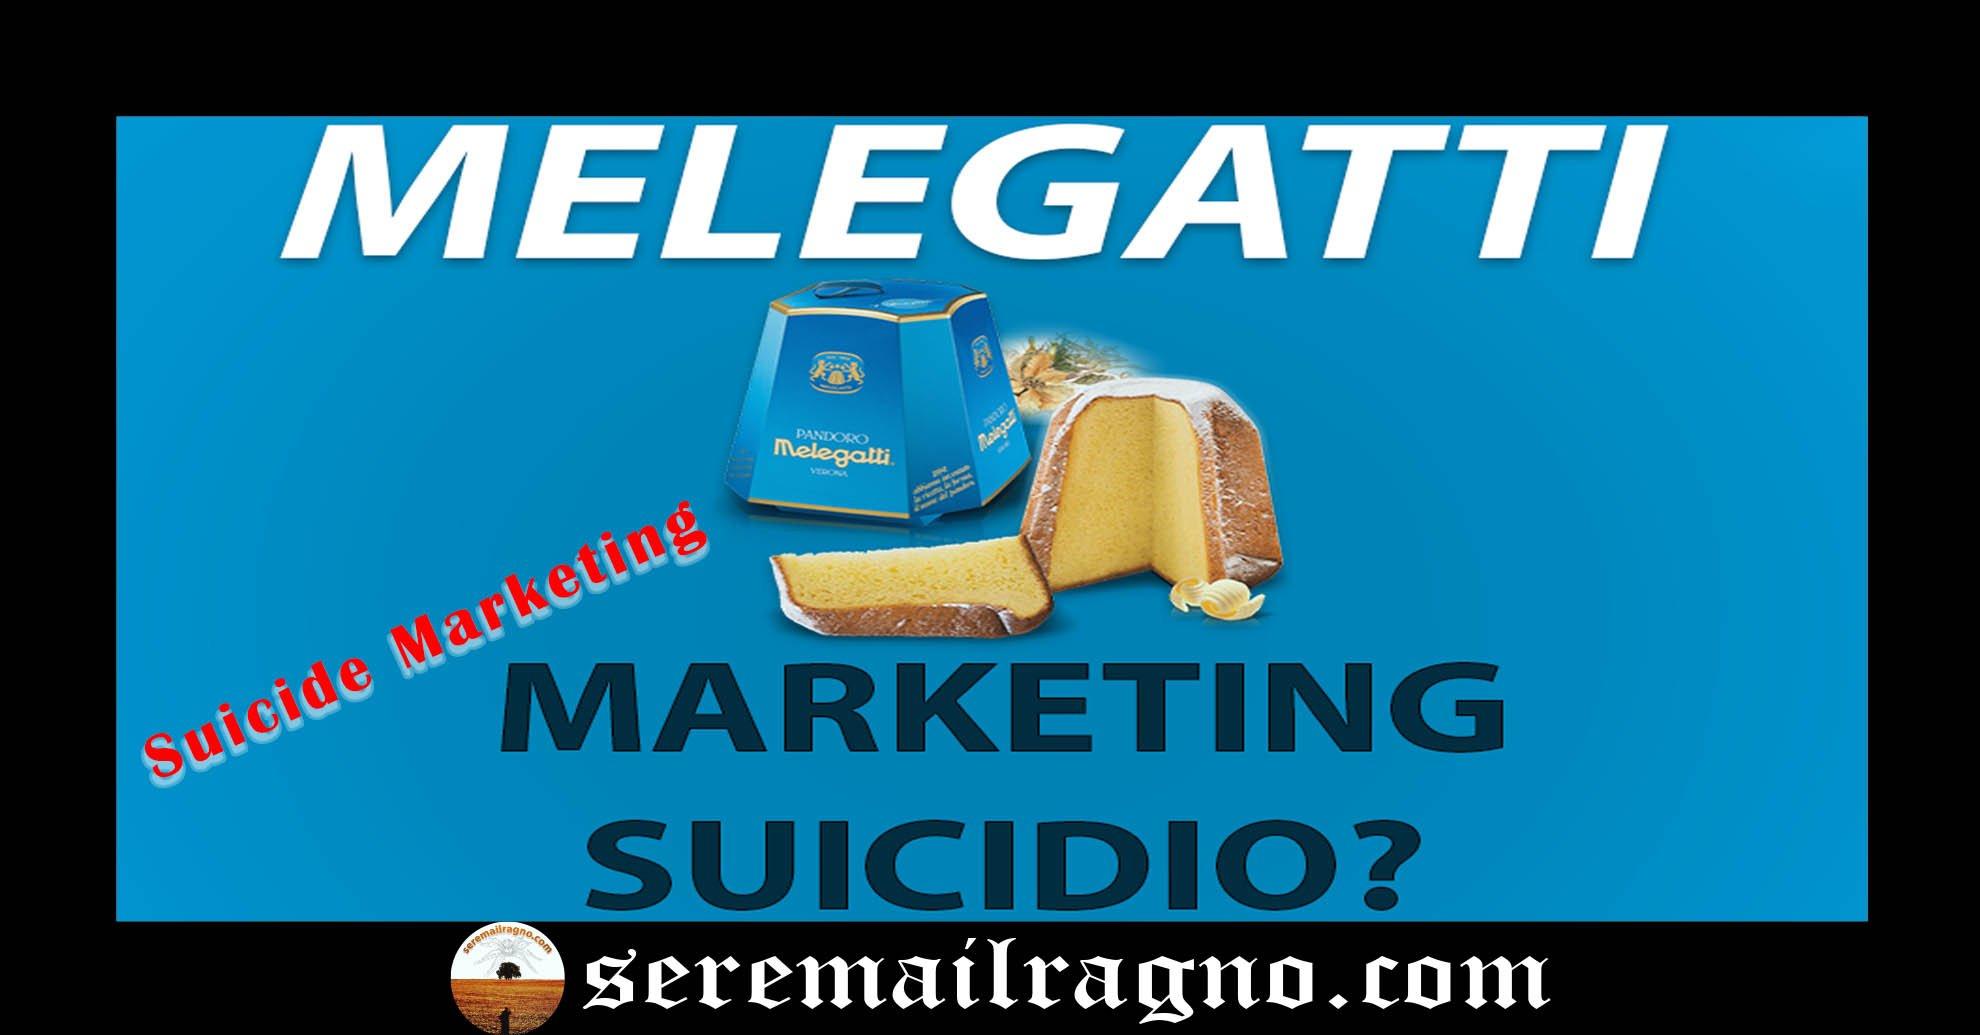 Melegatti: campagna pubblicitaria suicida? Due episodi di Suicide Marketing